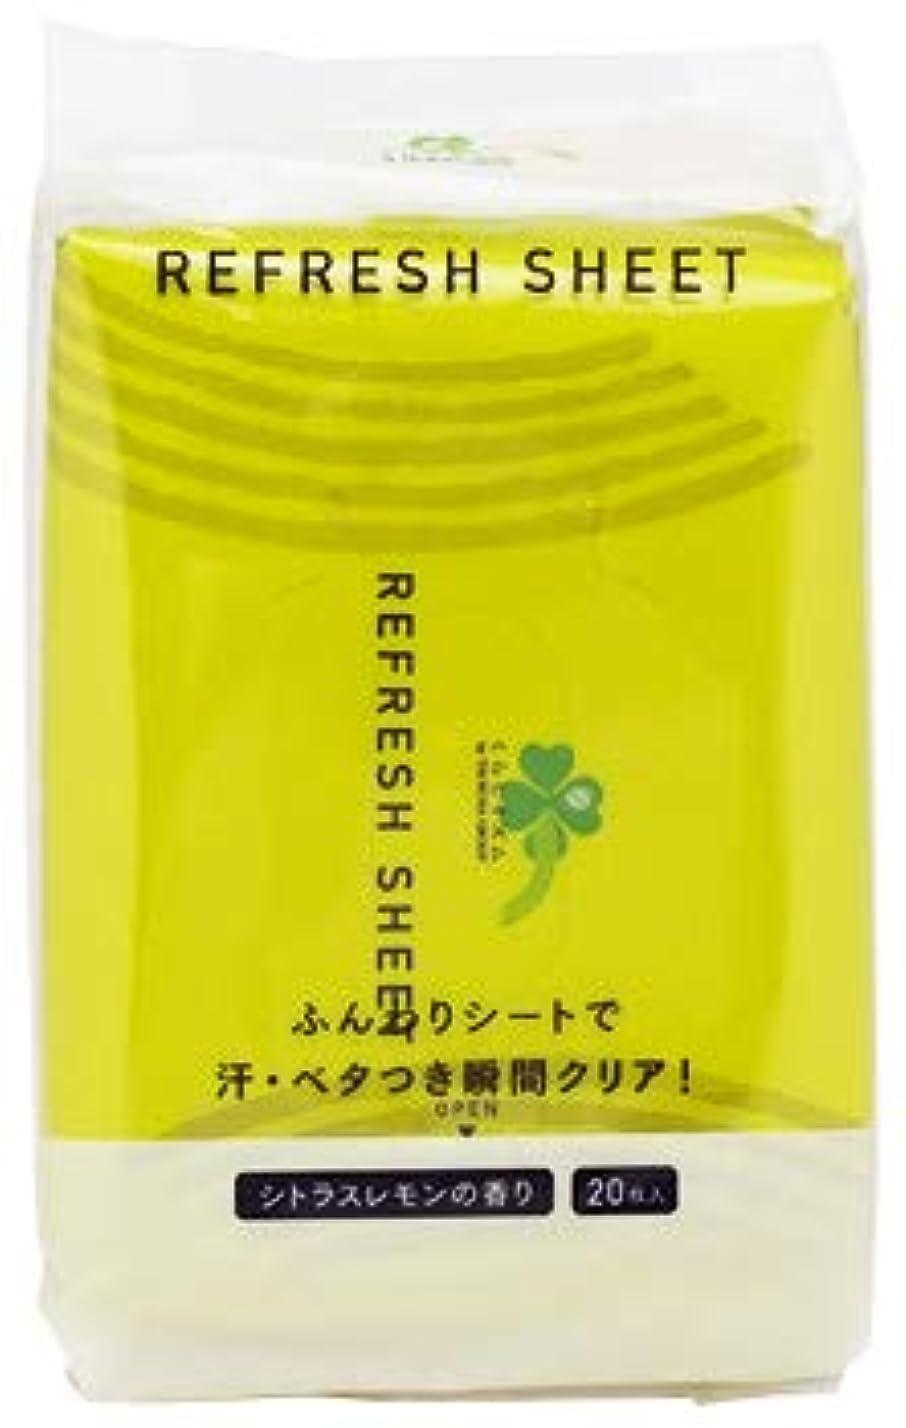 反乱永続最も早いくらしリズム 汗ふきシート シトラスレモンの香り (20枚入) ボディシート 制汗シート